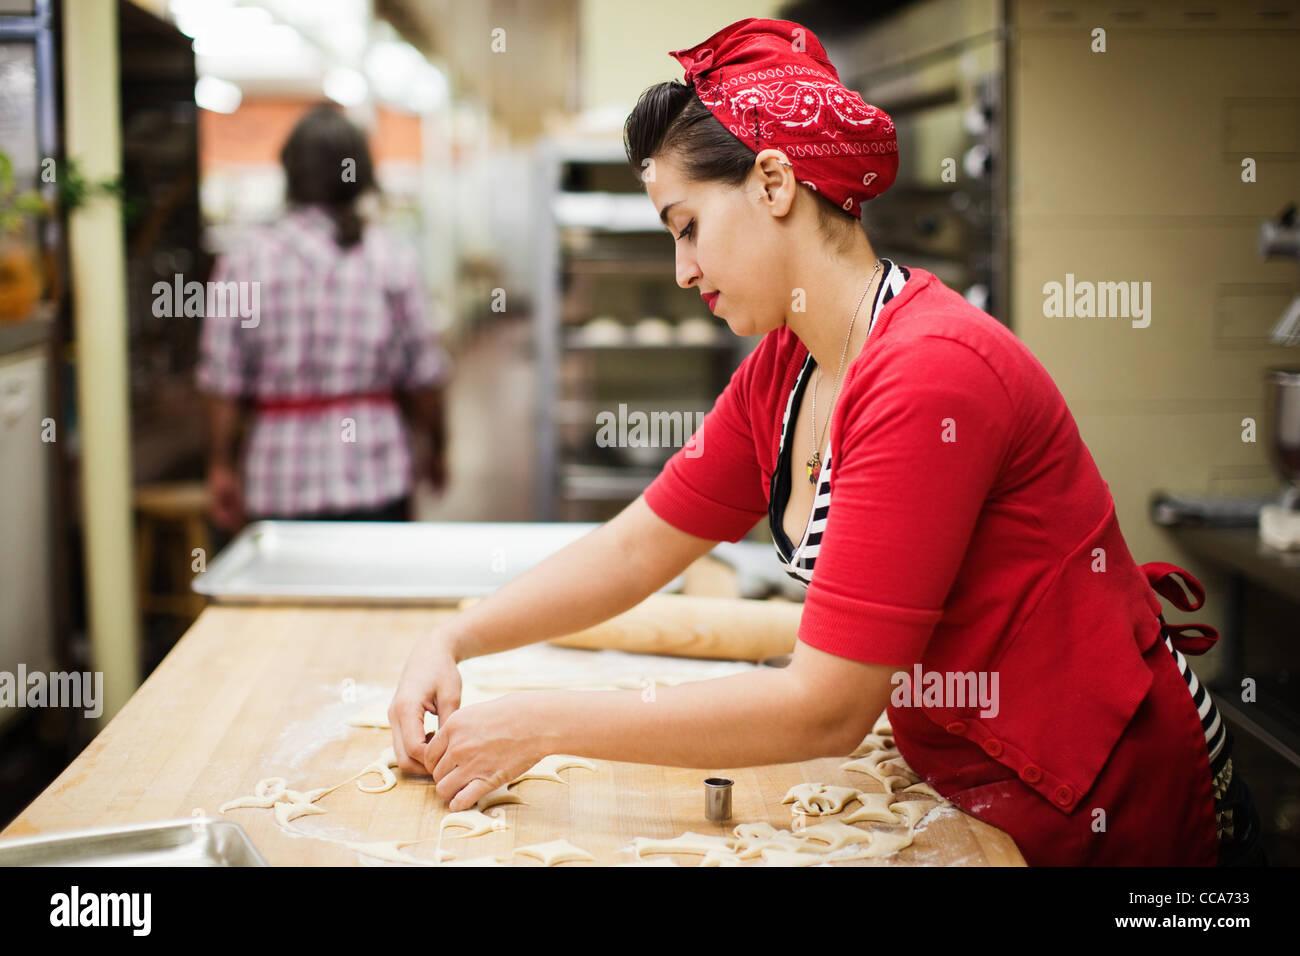 Junge Bäcker, die Zubereitung von Speisen in der Küche Stockbild